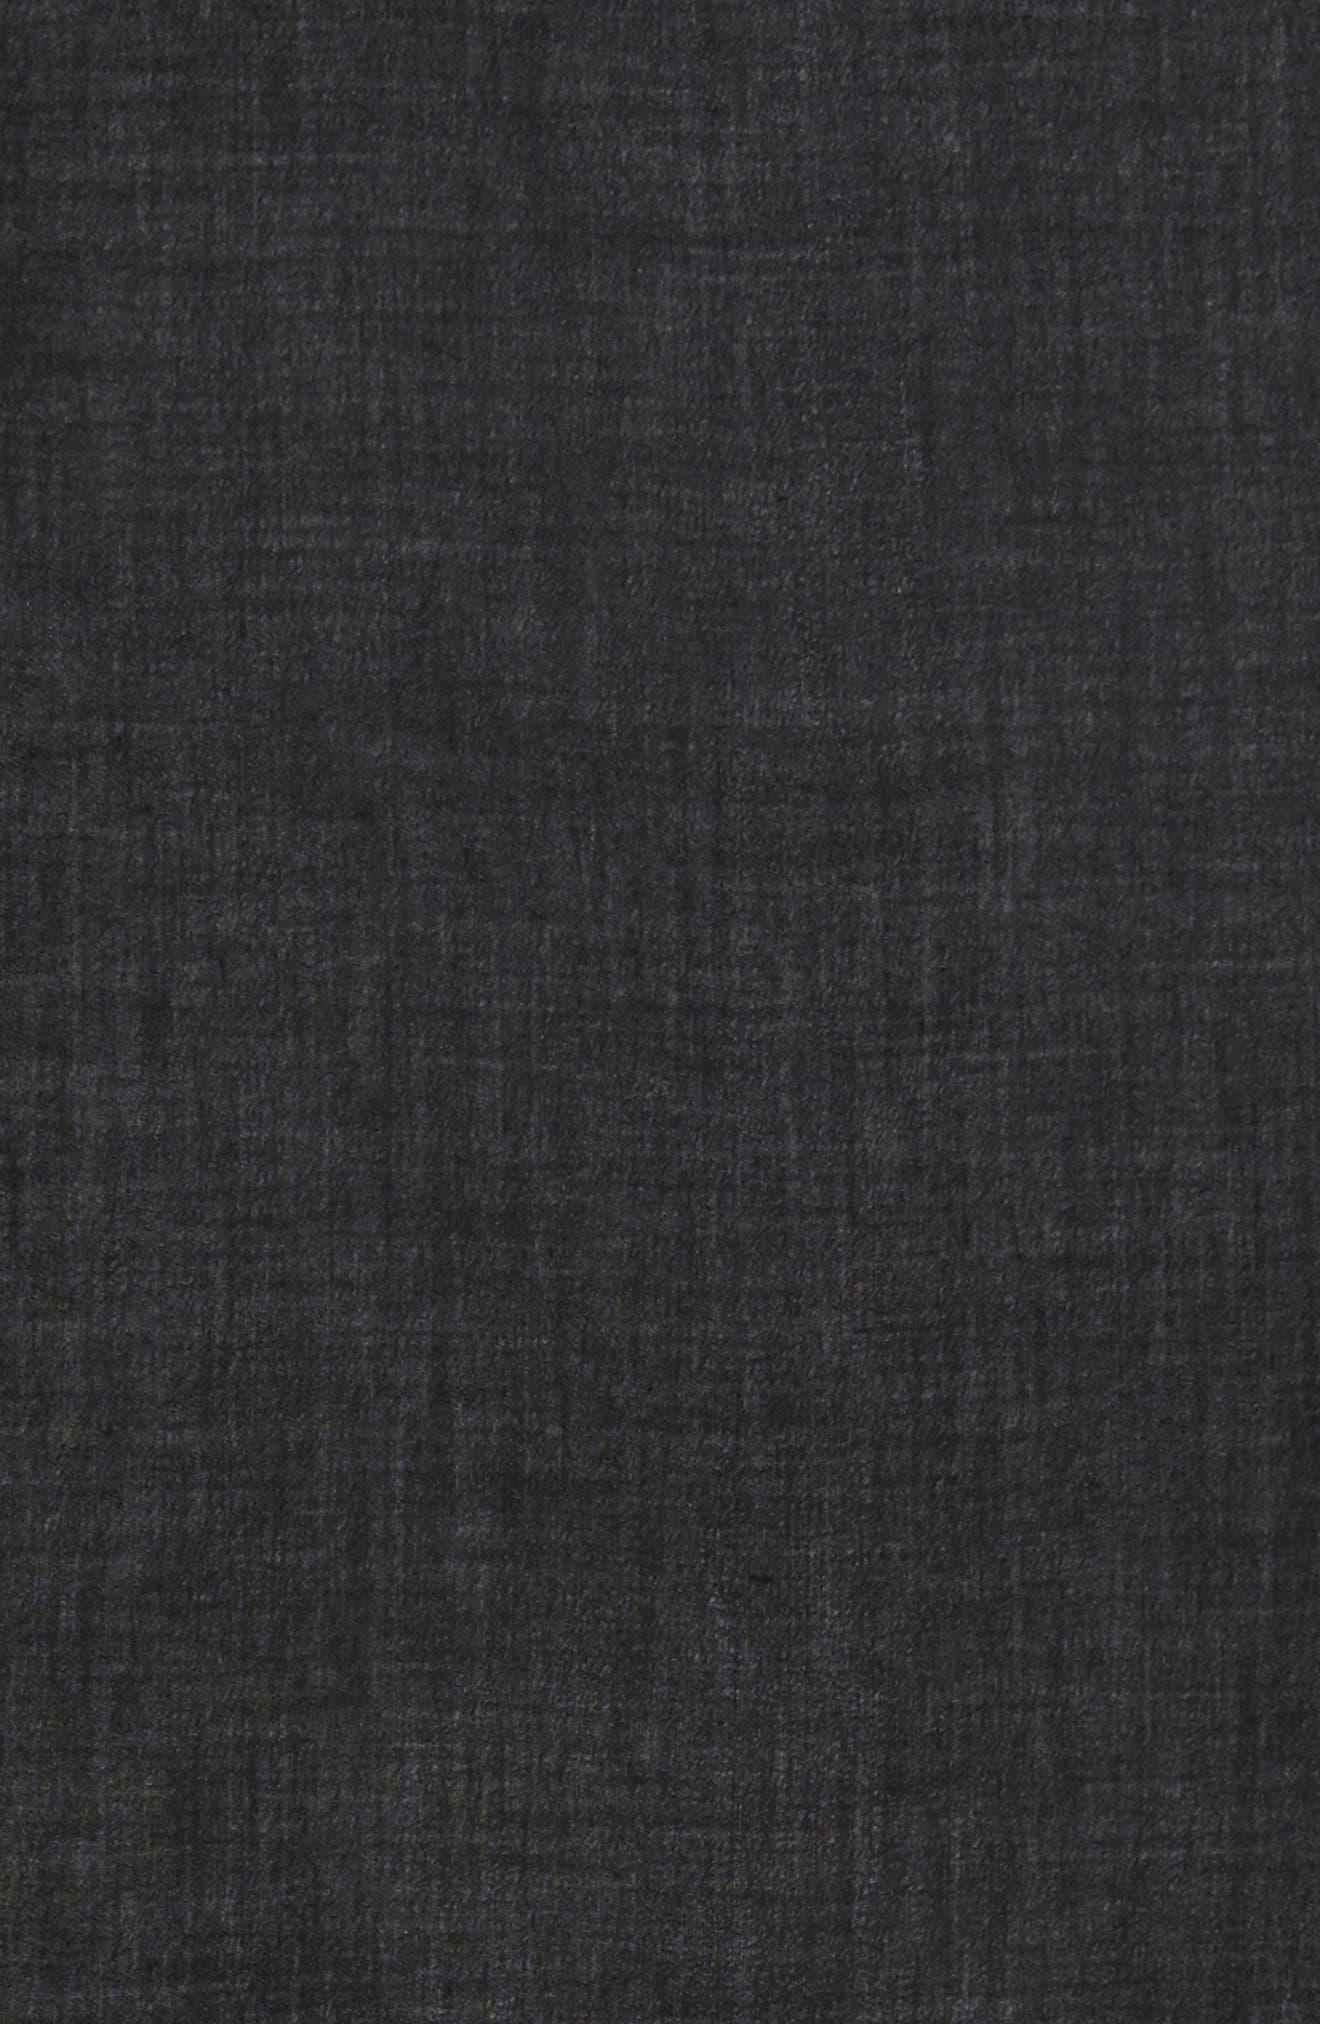 Cashmere & Silk Wrap,                             Alternate thumbnail 4, color,                             BLACK